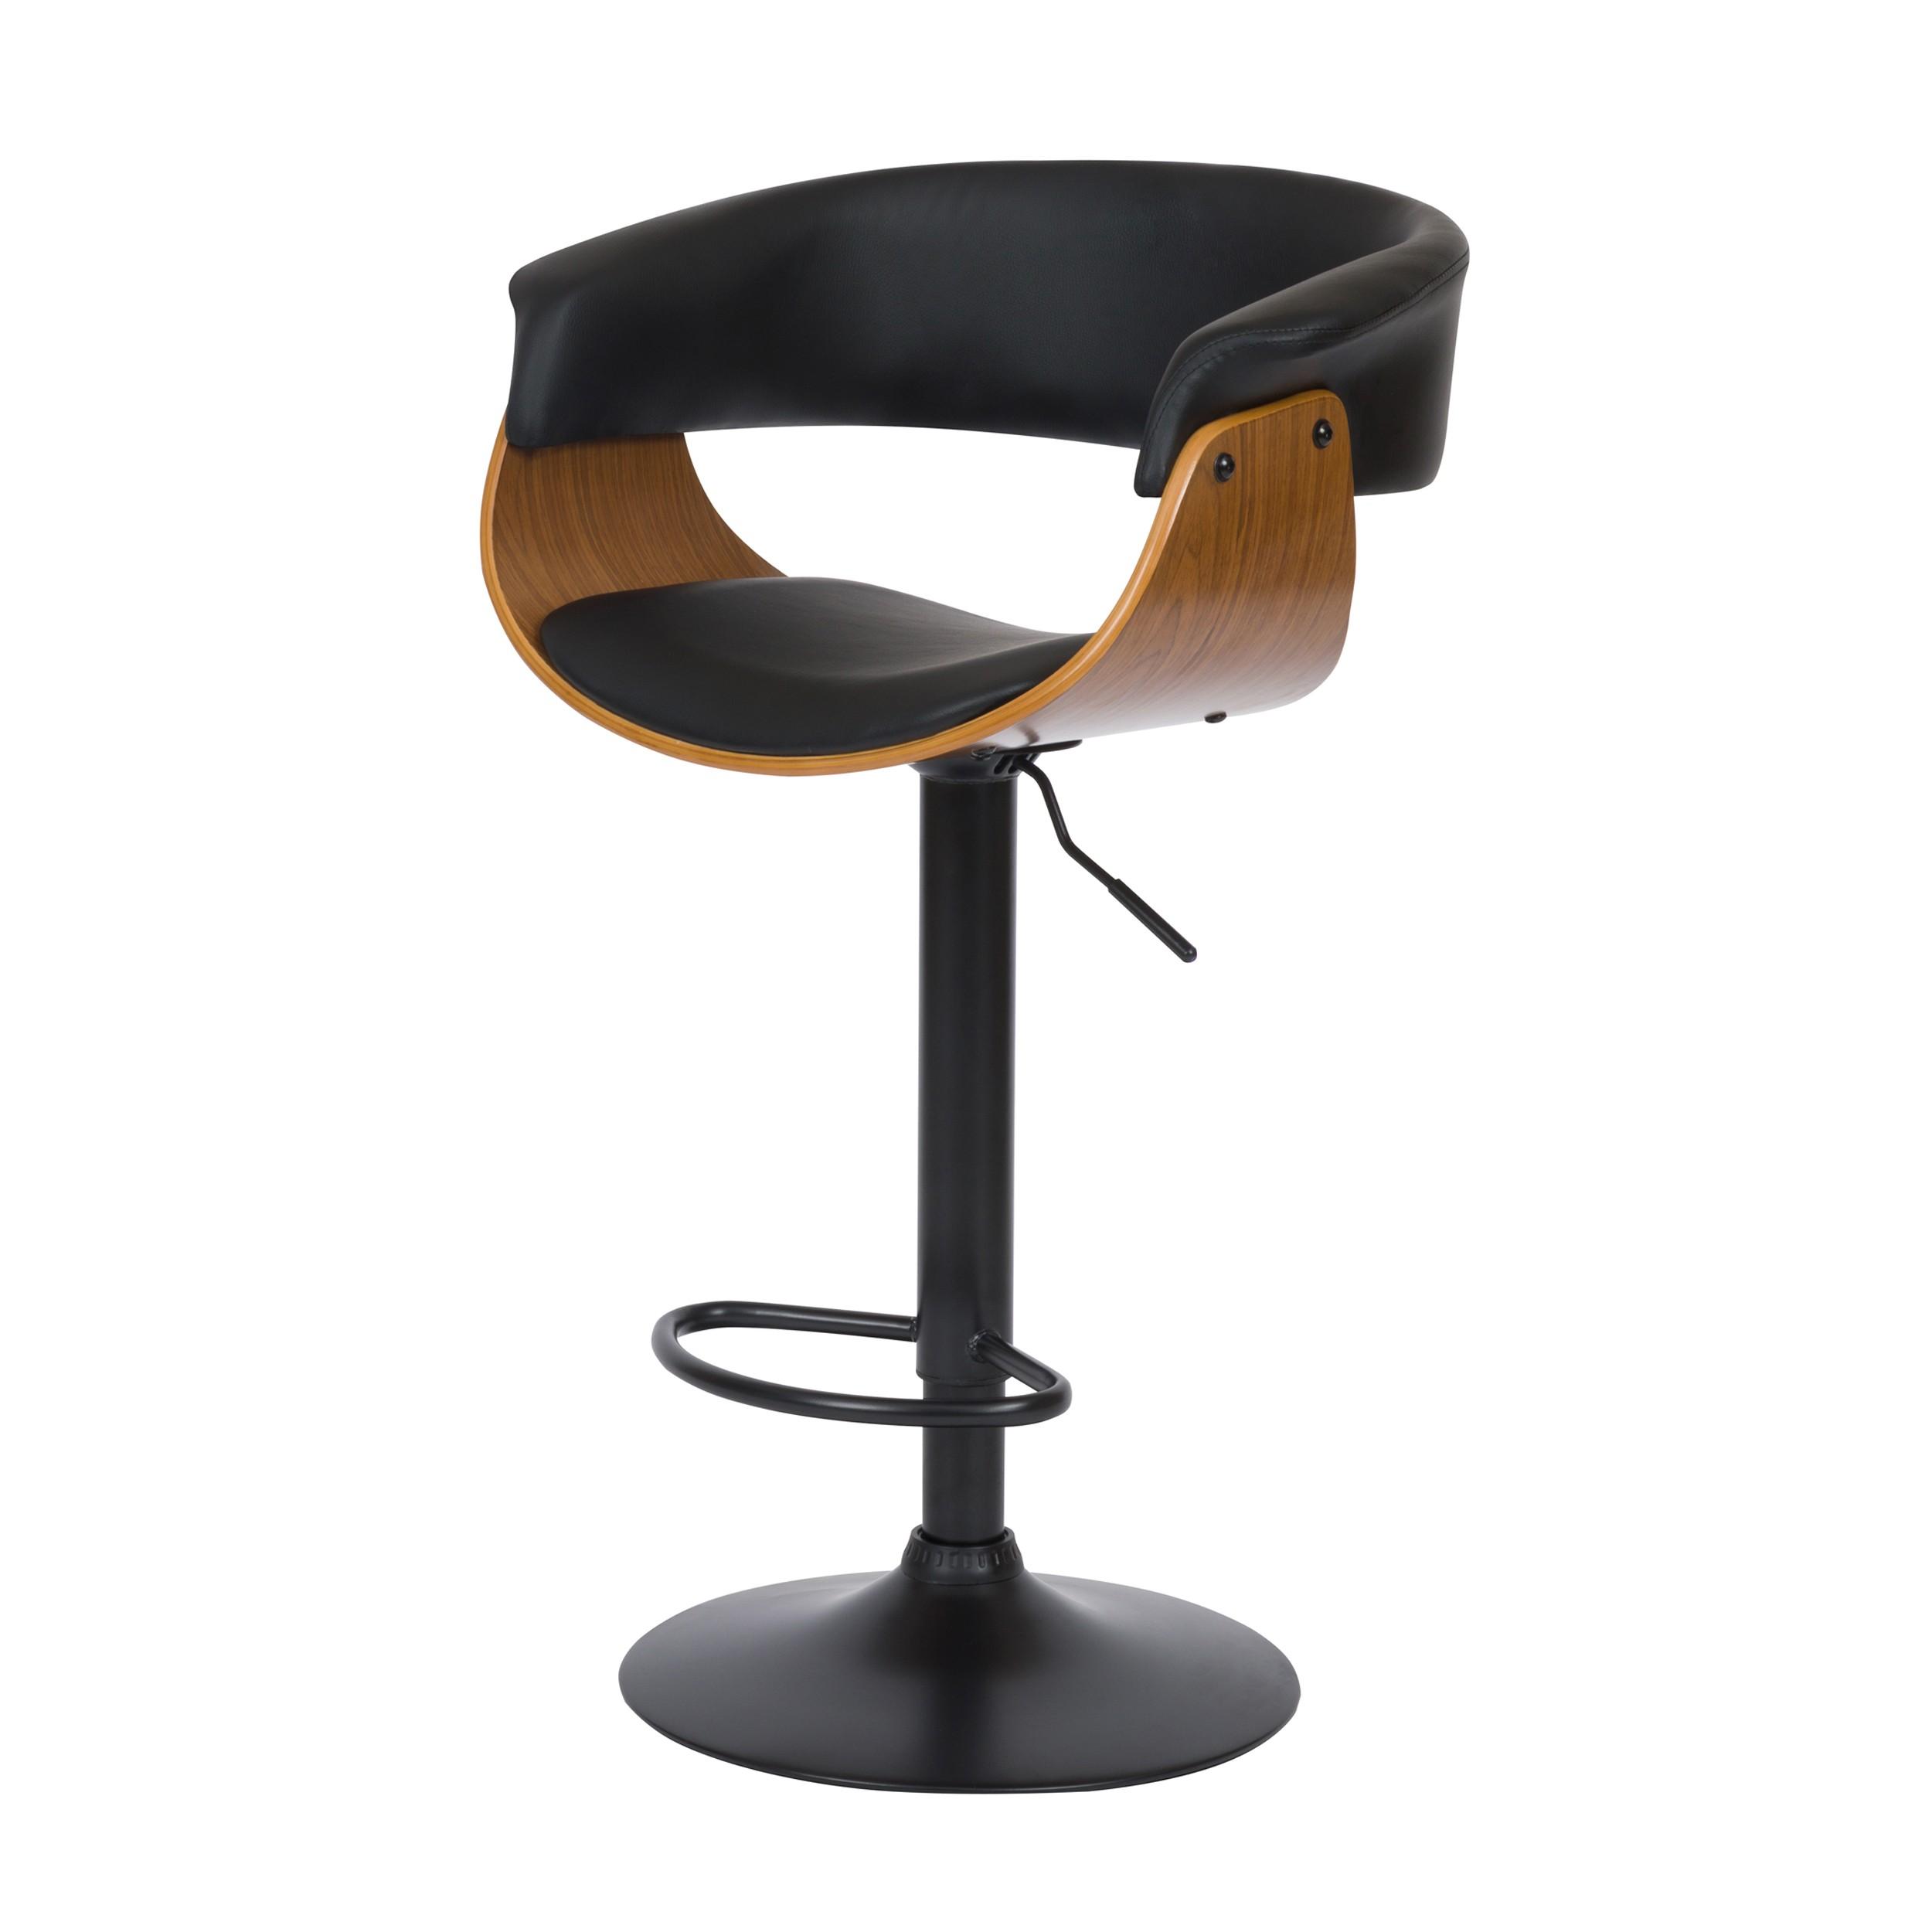 55 Chaise Avec Basile Noire De Bar Accoudoirs 581 Cm 8n0mNw